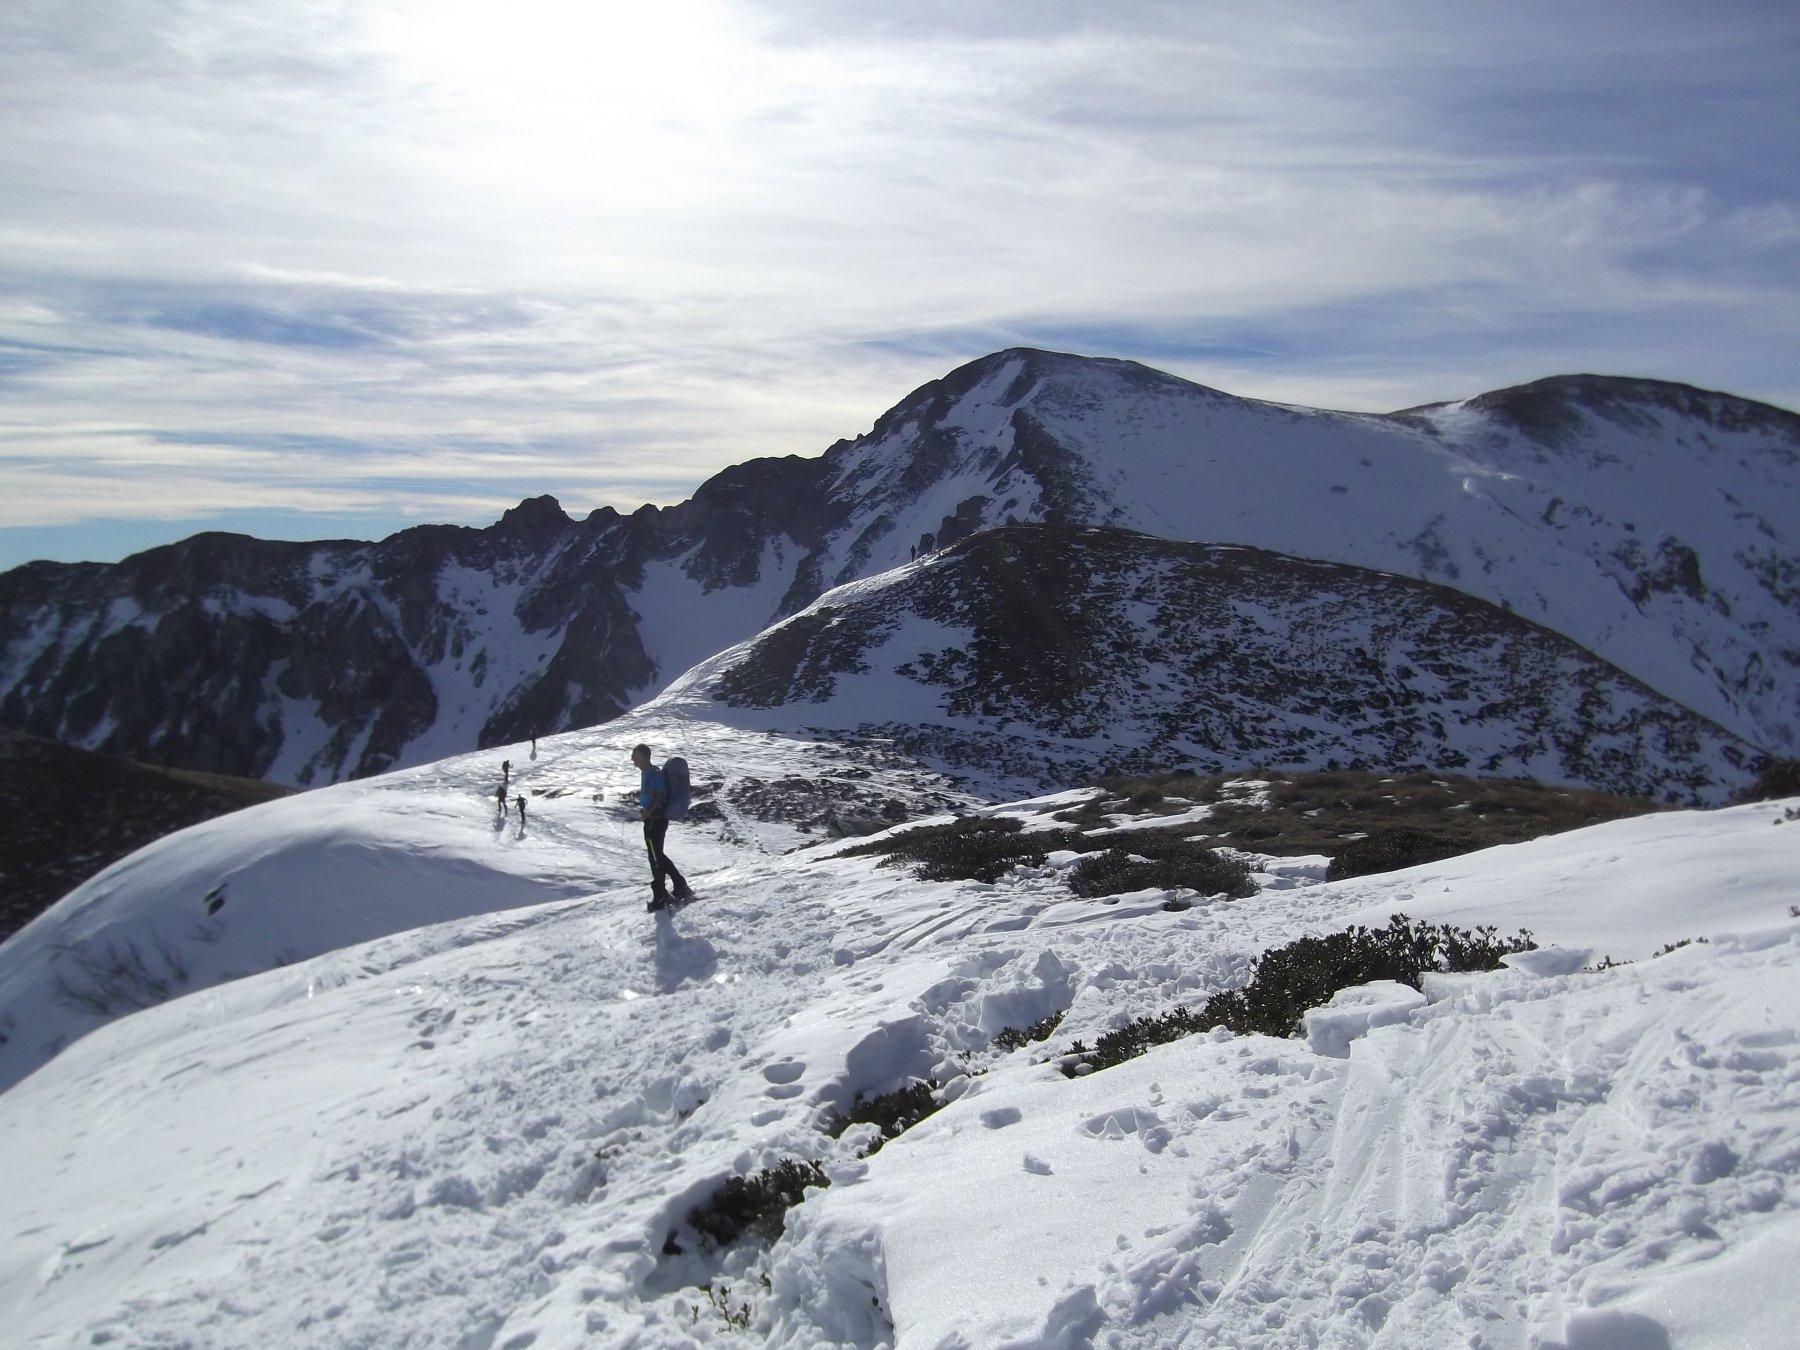 Il Monte Grosso con l'Antoroto dietro visto dalla cima gemella.